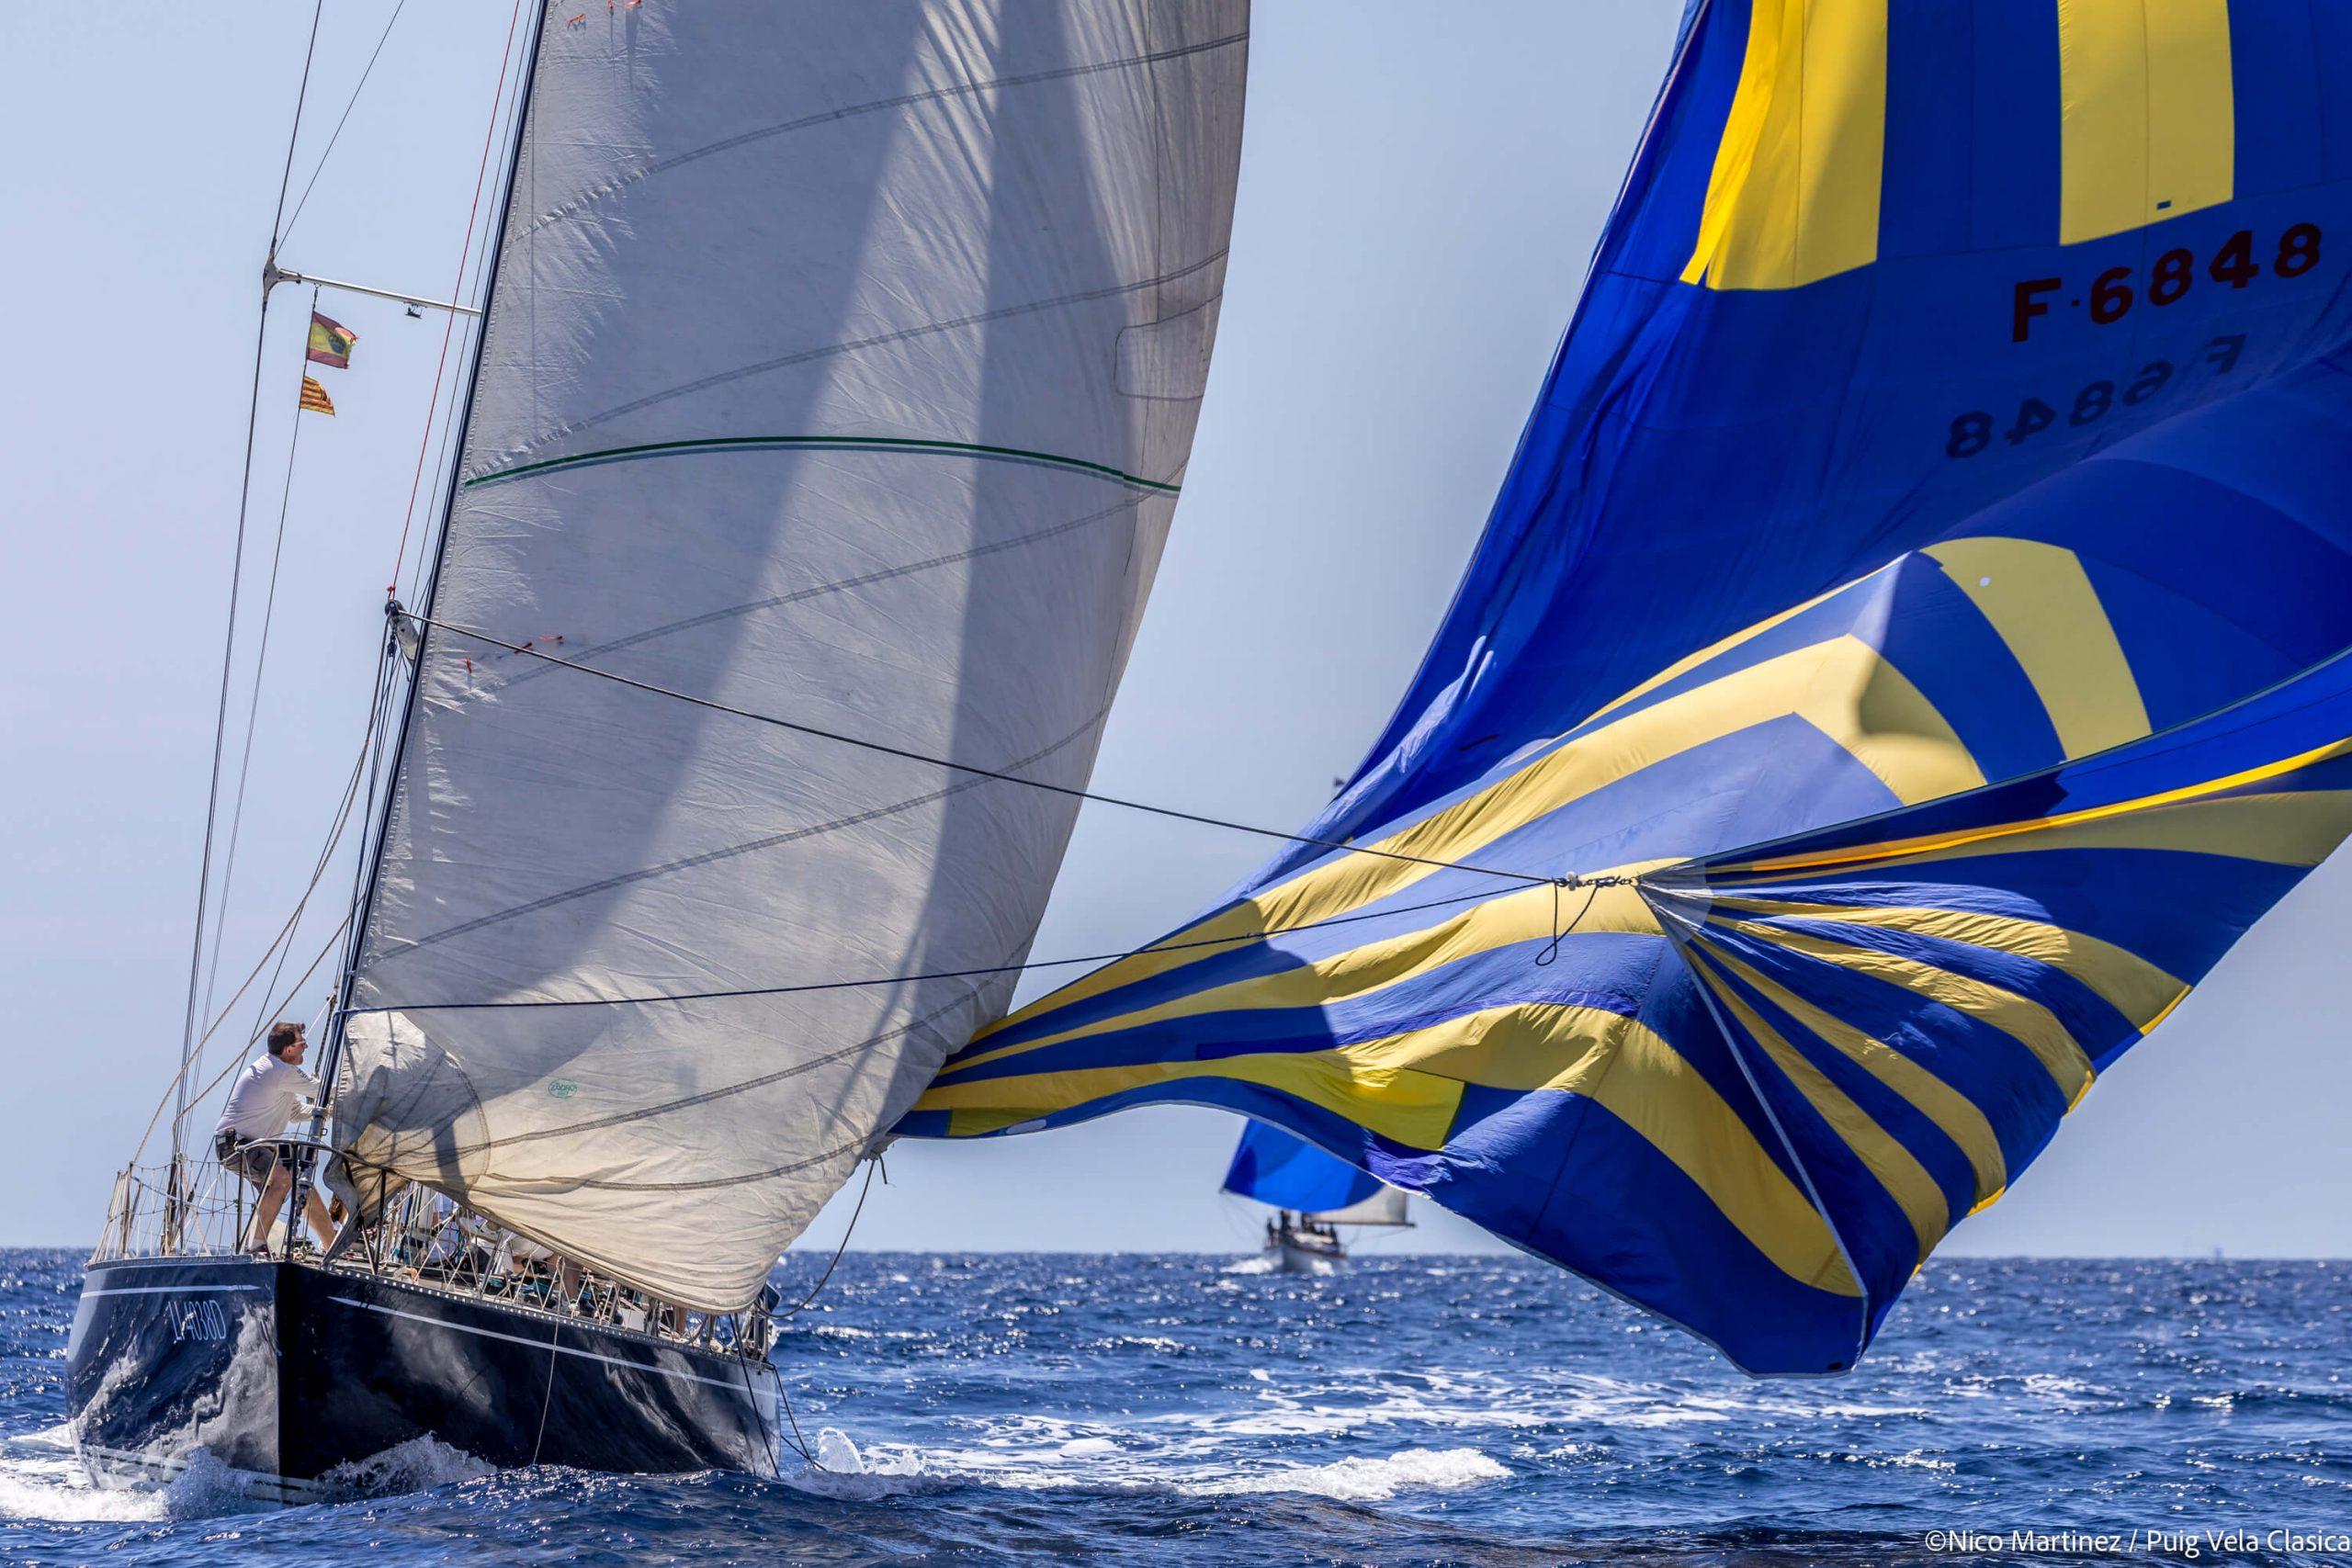 primera jornada de la regata Puig Vela Clàssica 2021